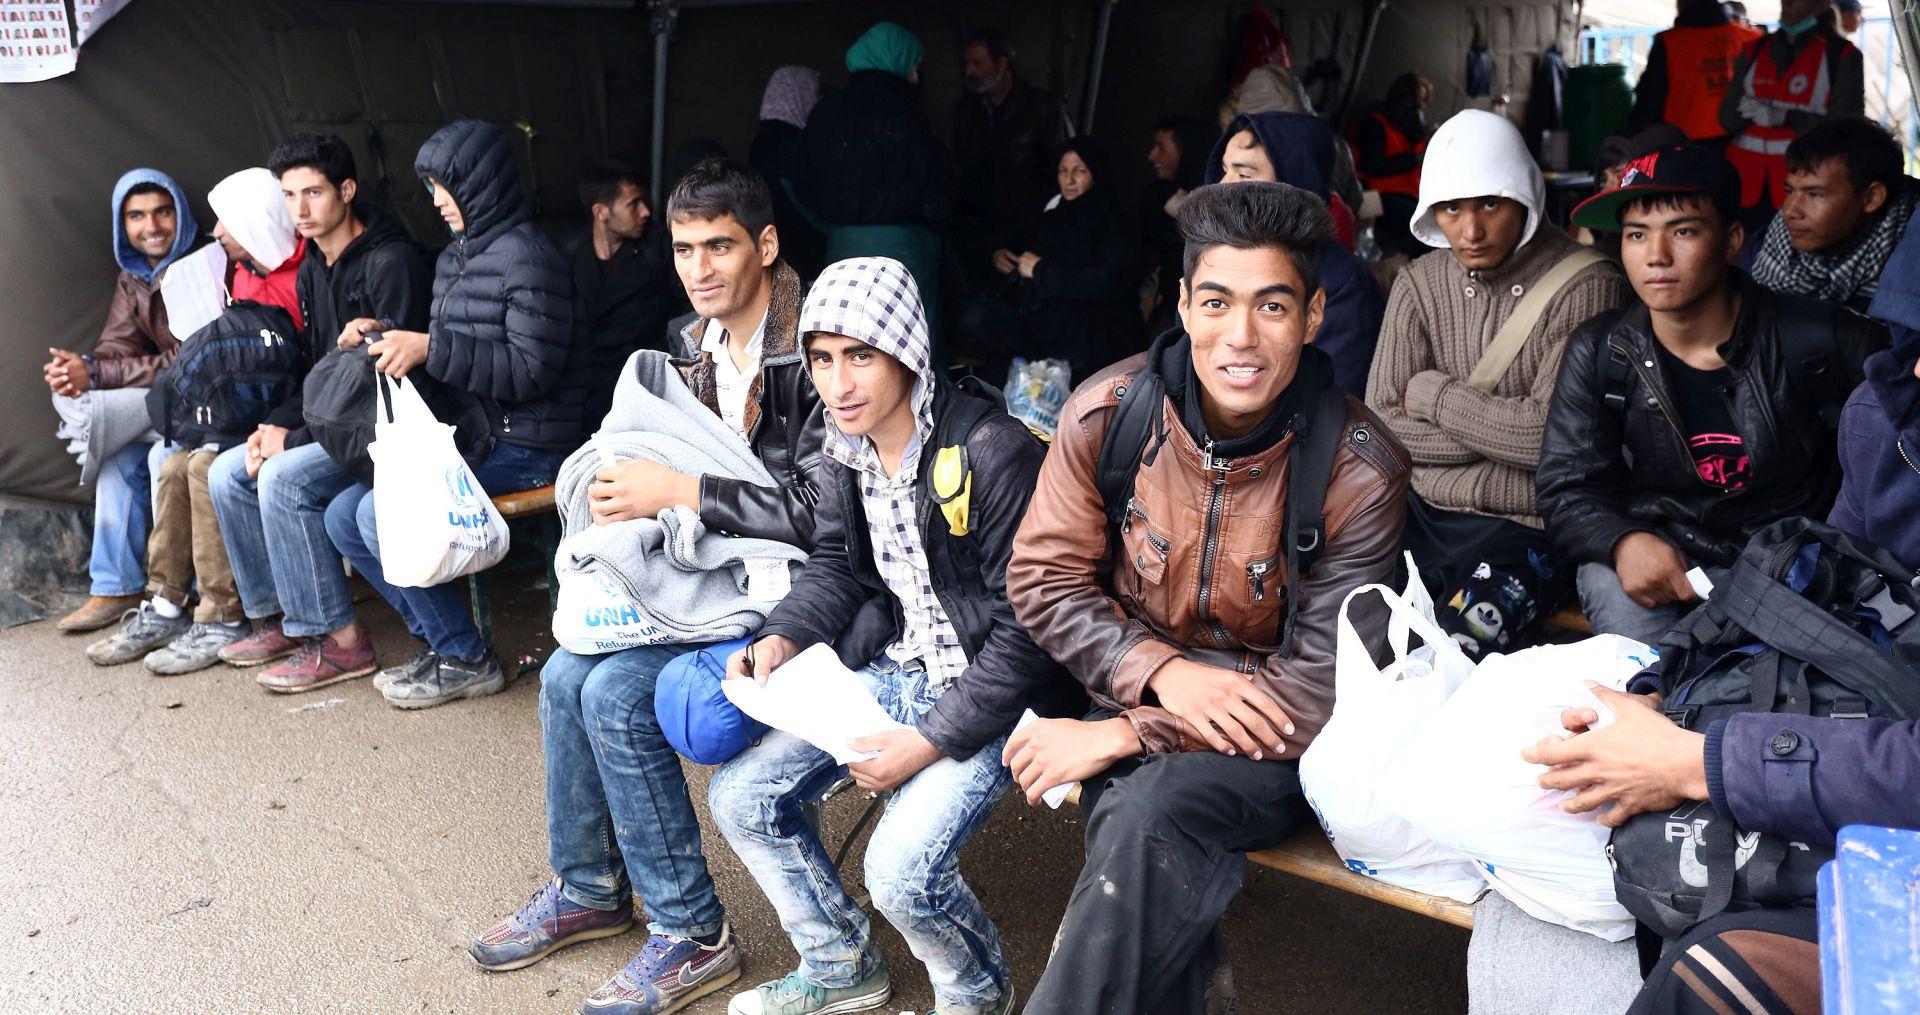 U HRVATSKU UŠLO VIŠE OD 320 TISUĆA LJUDI U kampu u Opatovcu više nema izbjeglica